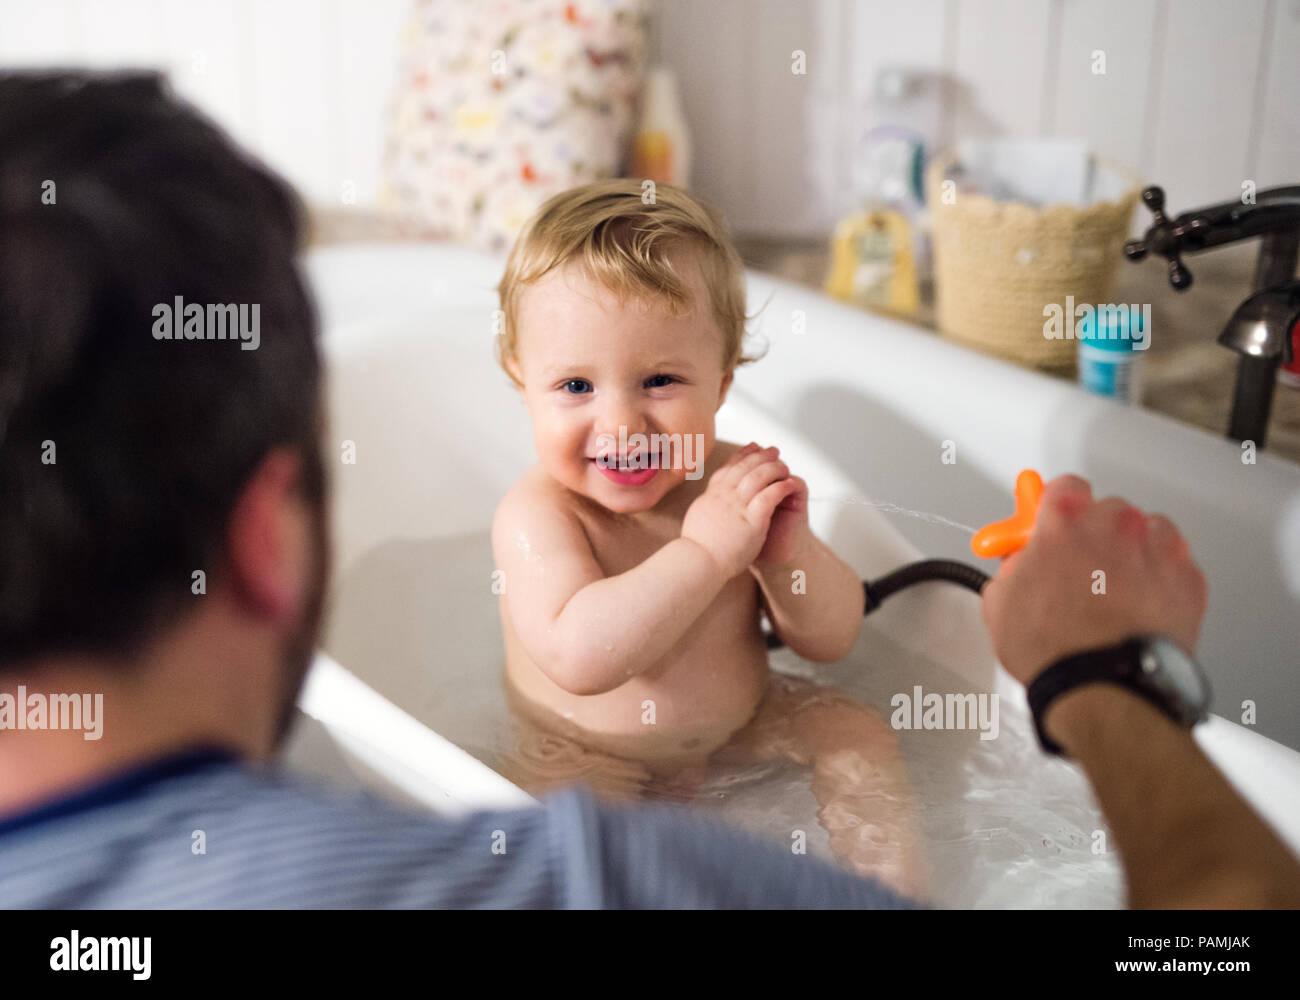 Bagno Con Un Ragazzo : Padre giocando con un bimbo piccolo ragazzo in bagno a casa foto